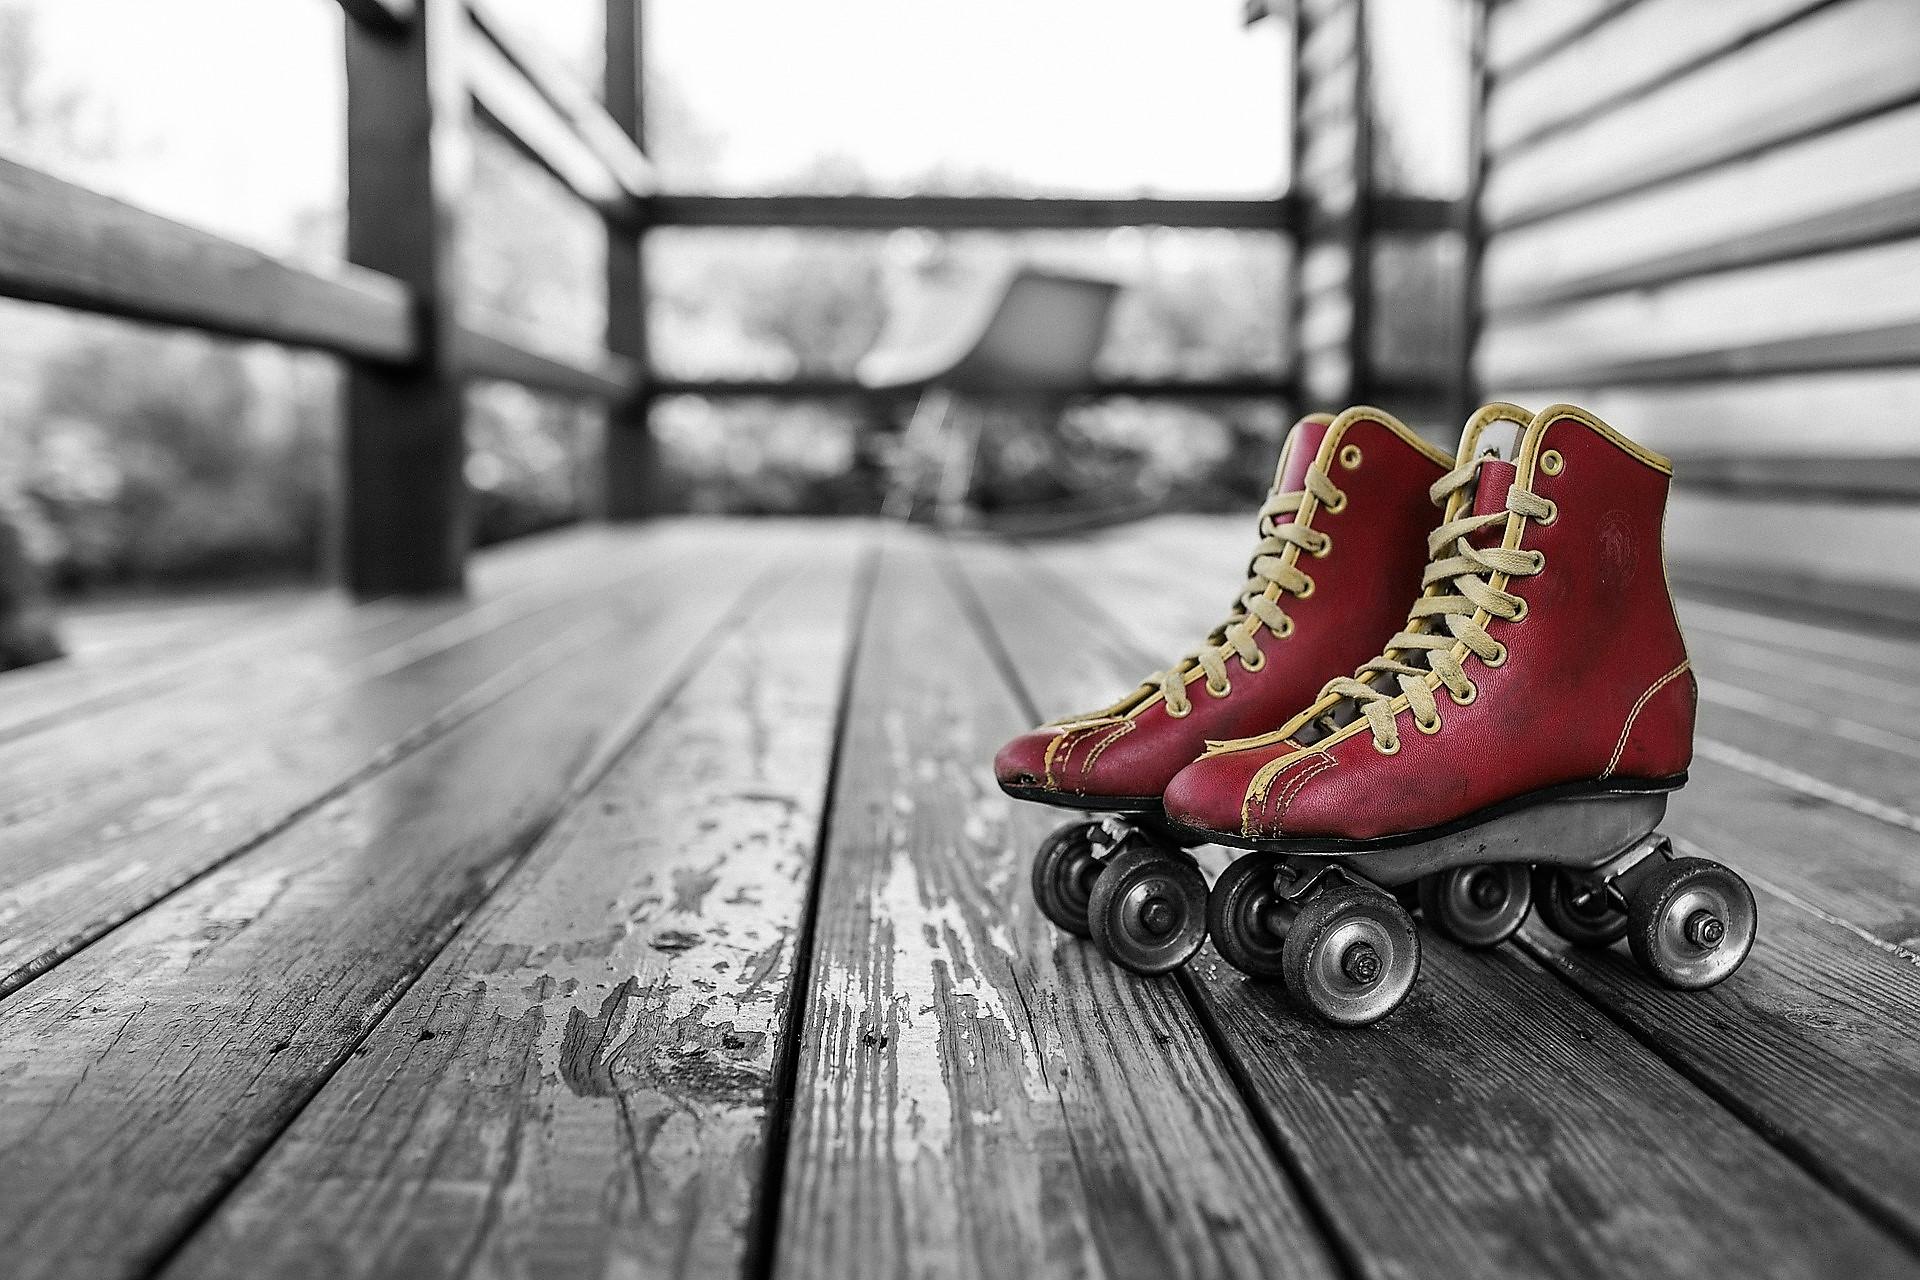 roller-skates-381216_1920.jpg